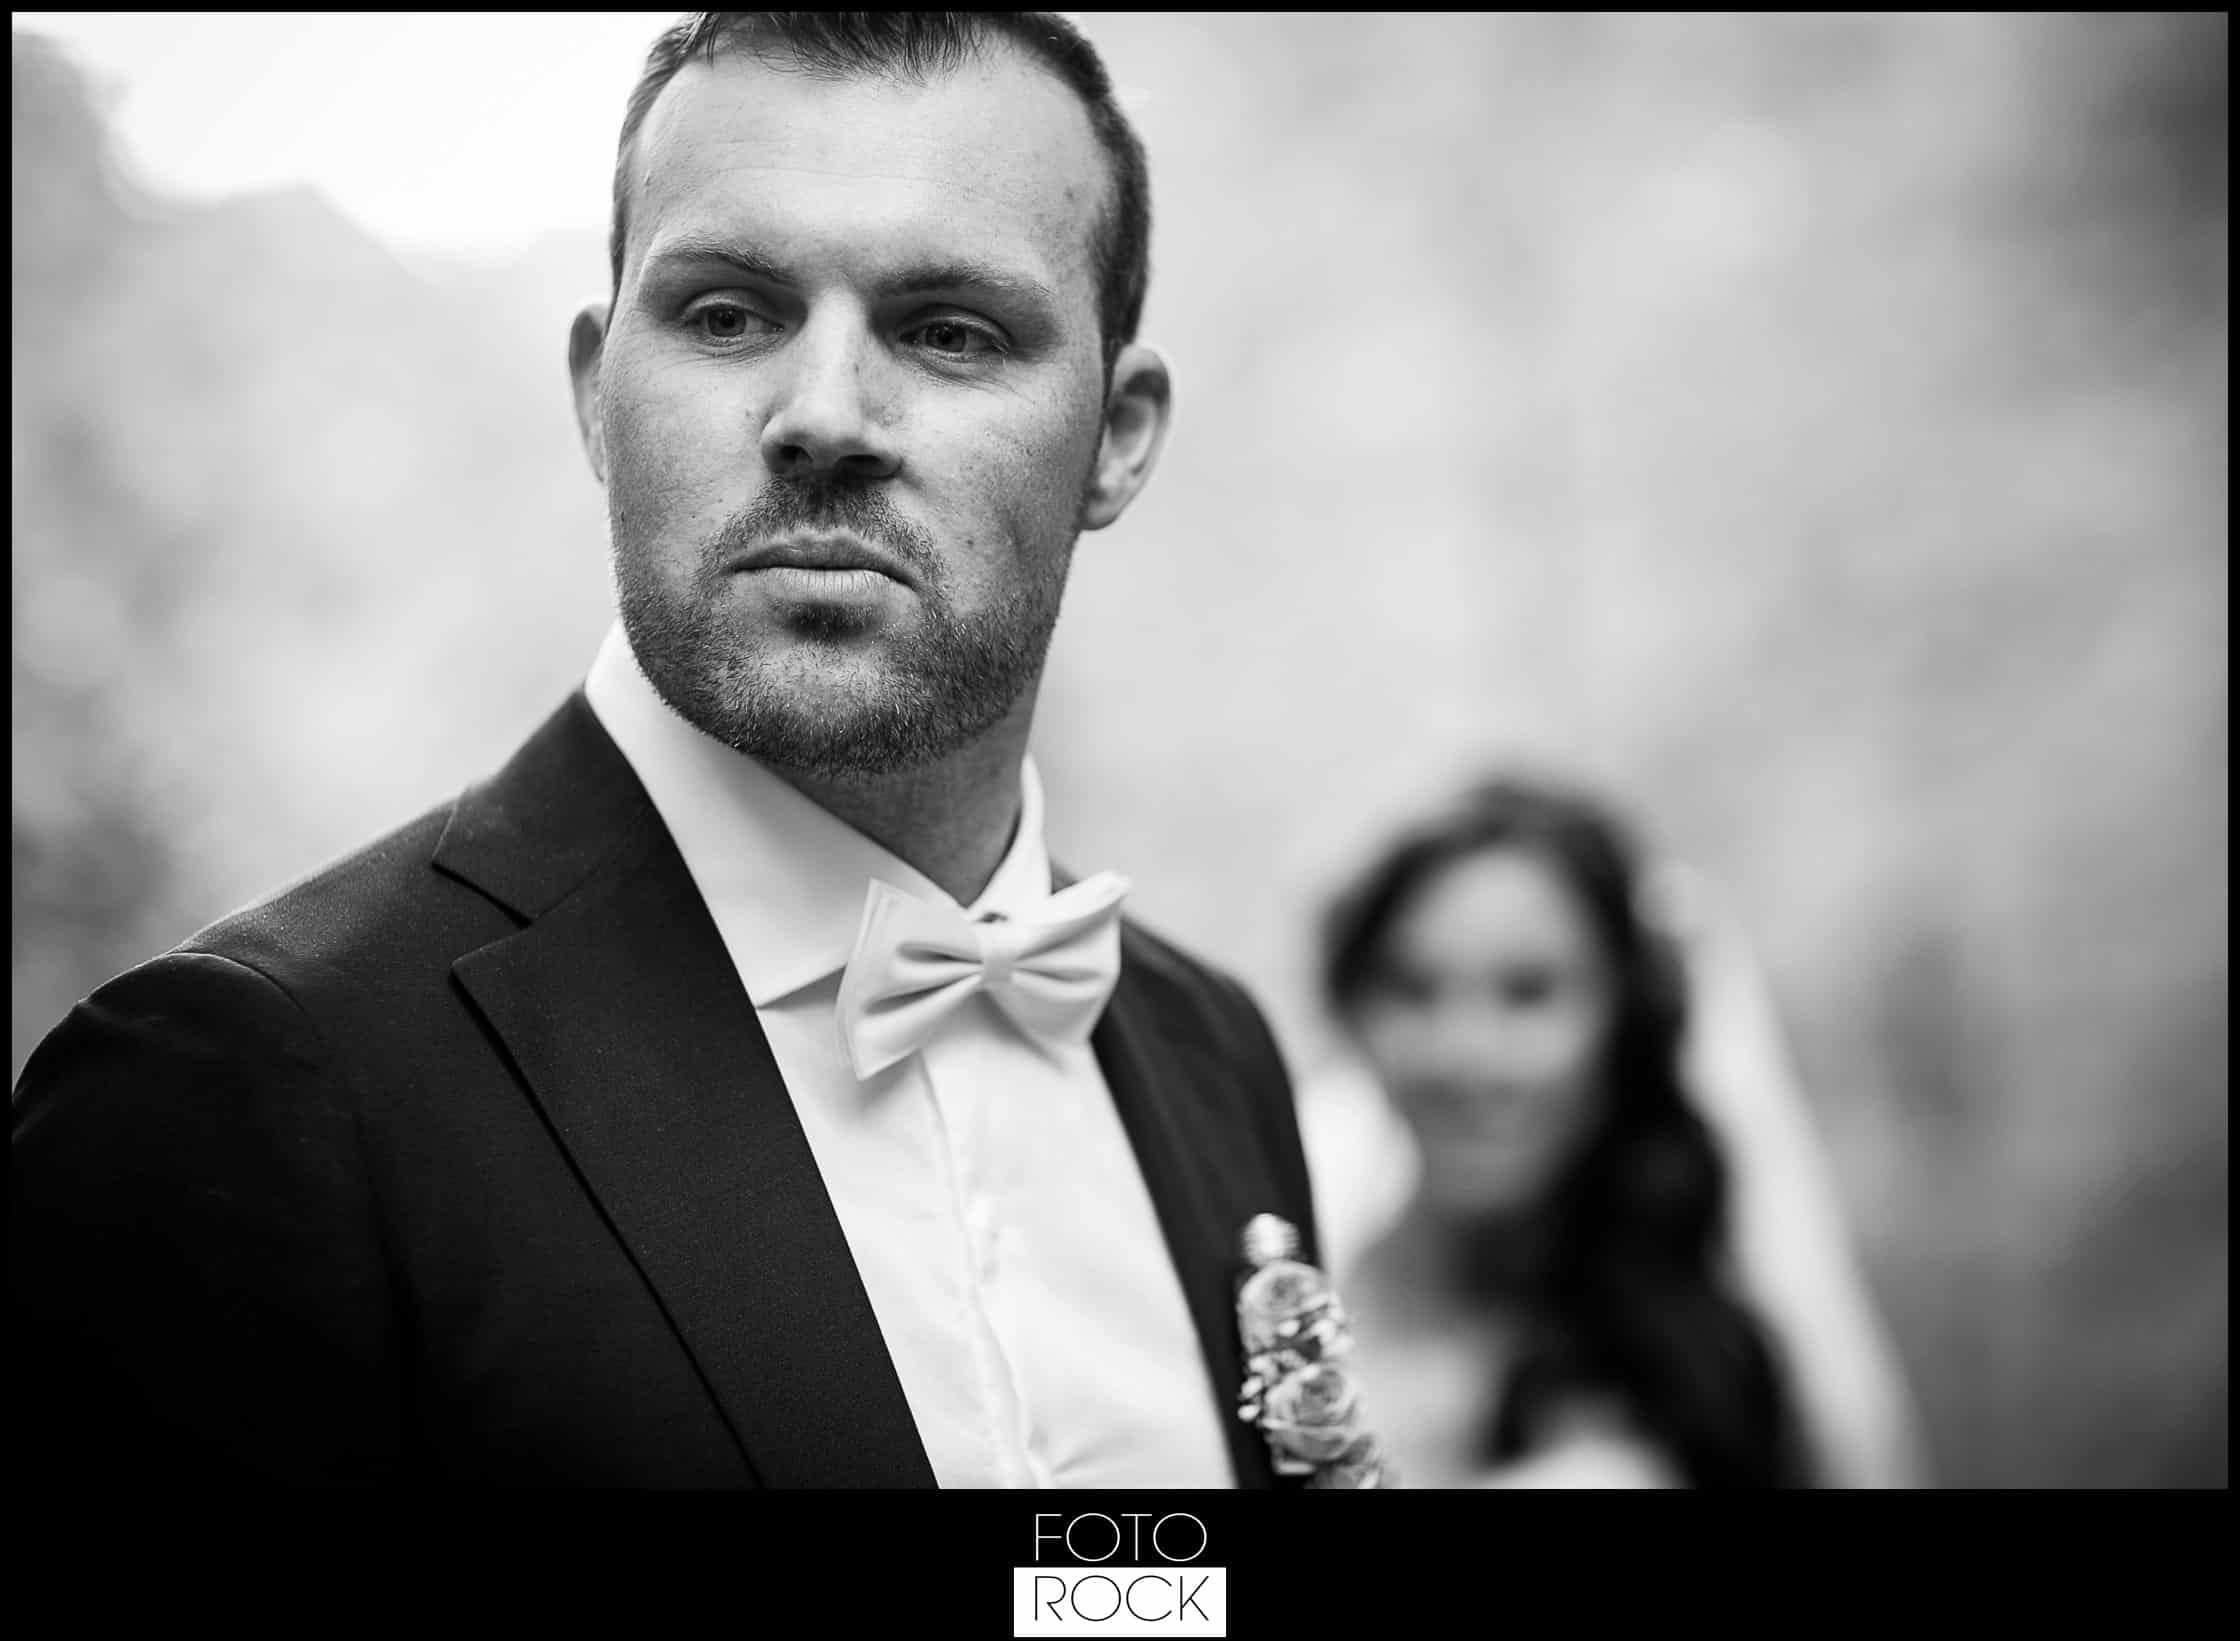 Hochzeit Lilienhof Ihringen Fotoshooting Photoshooting Brautpaar Lachen